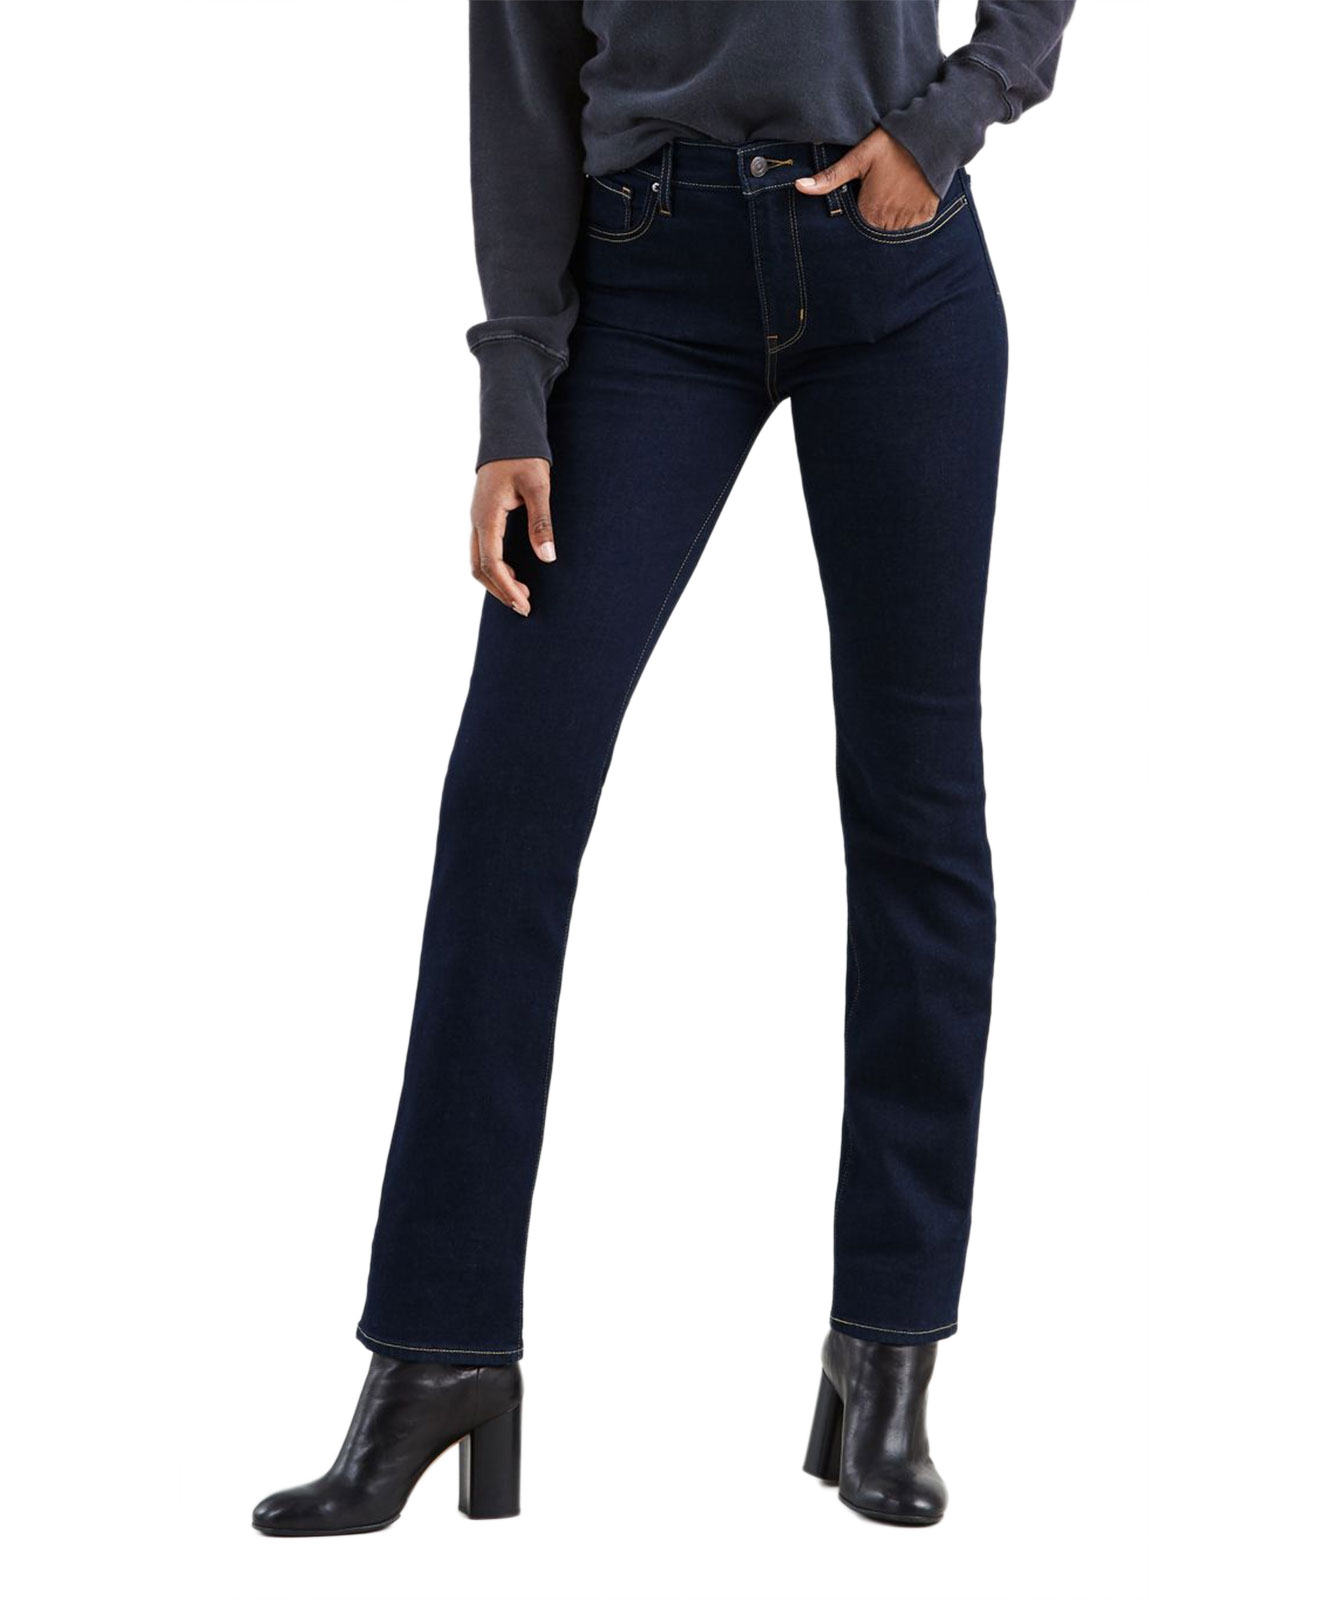 Hosen für Frauen - Levi's 724 Gerade dunkelblaue Jeans mit hohem Bund  - Onlineshop Jeans Meile